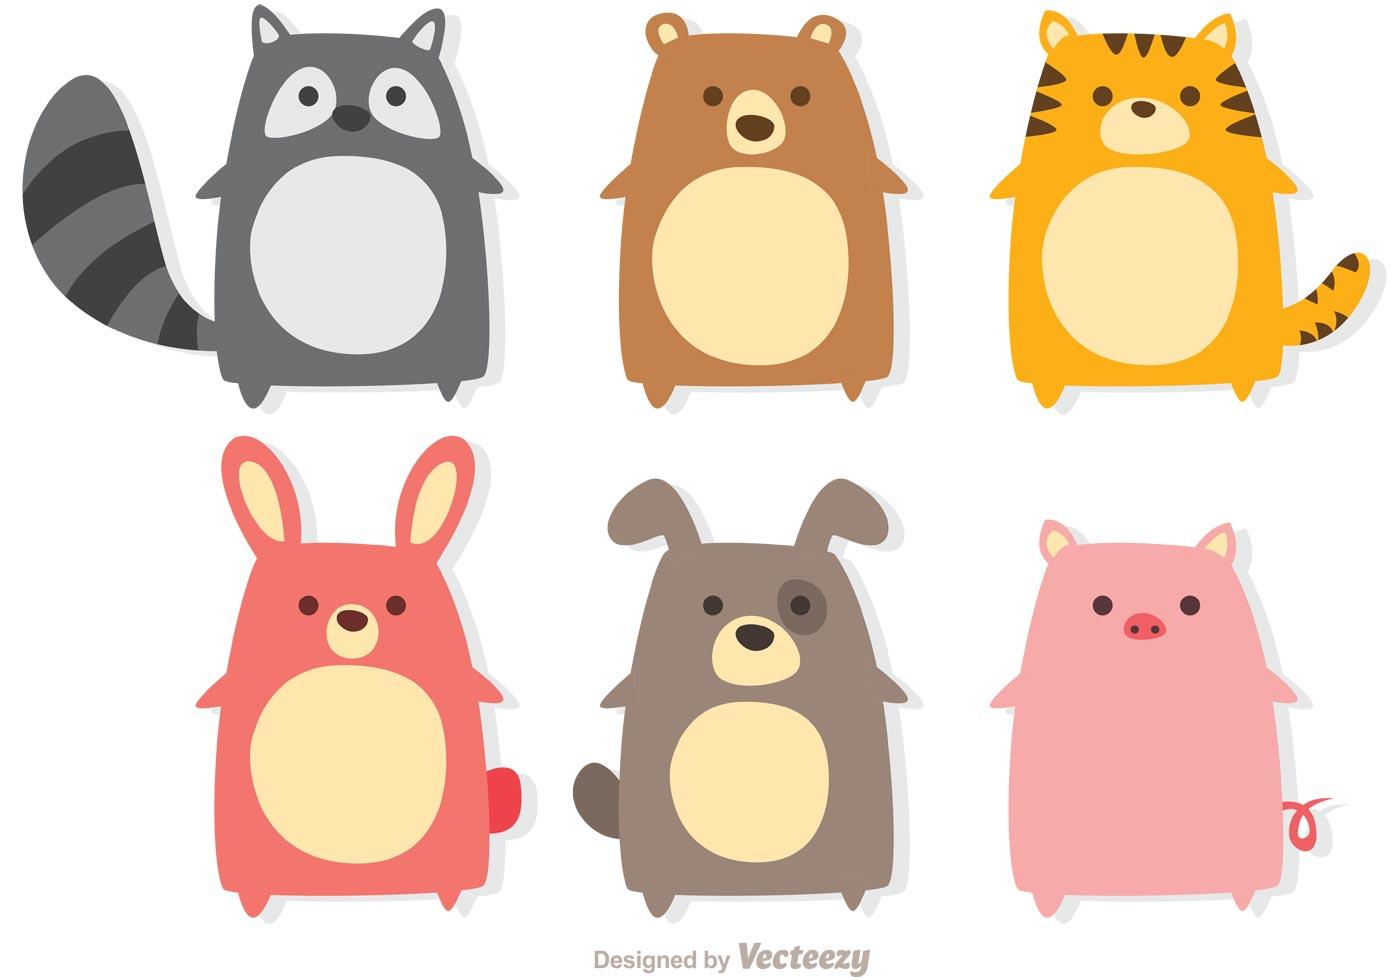 Cute Animals Vectors - Download Free Vectors, Clipart ...